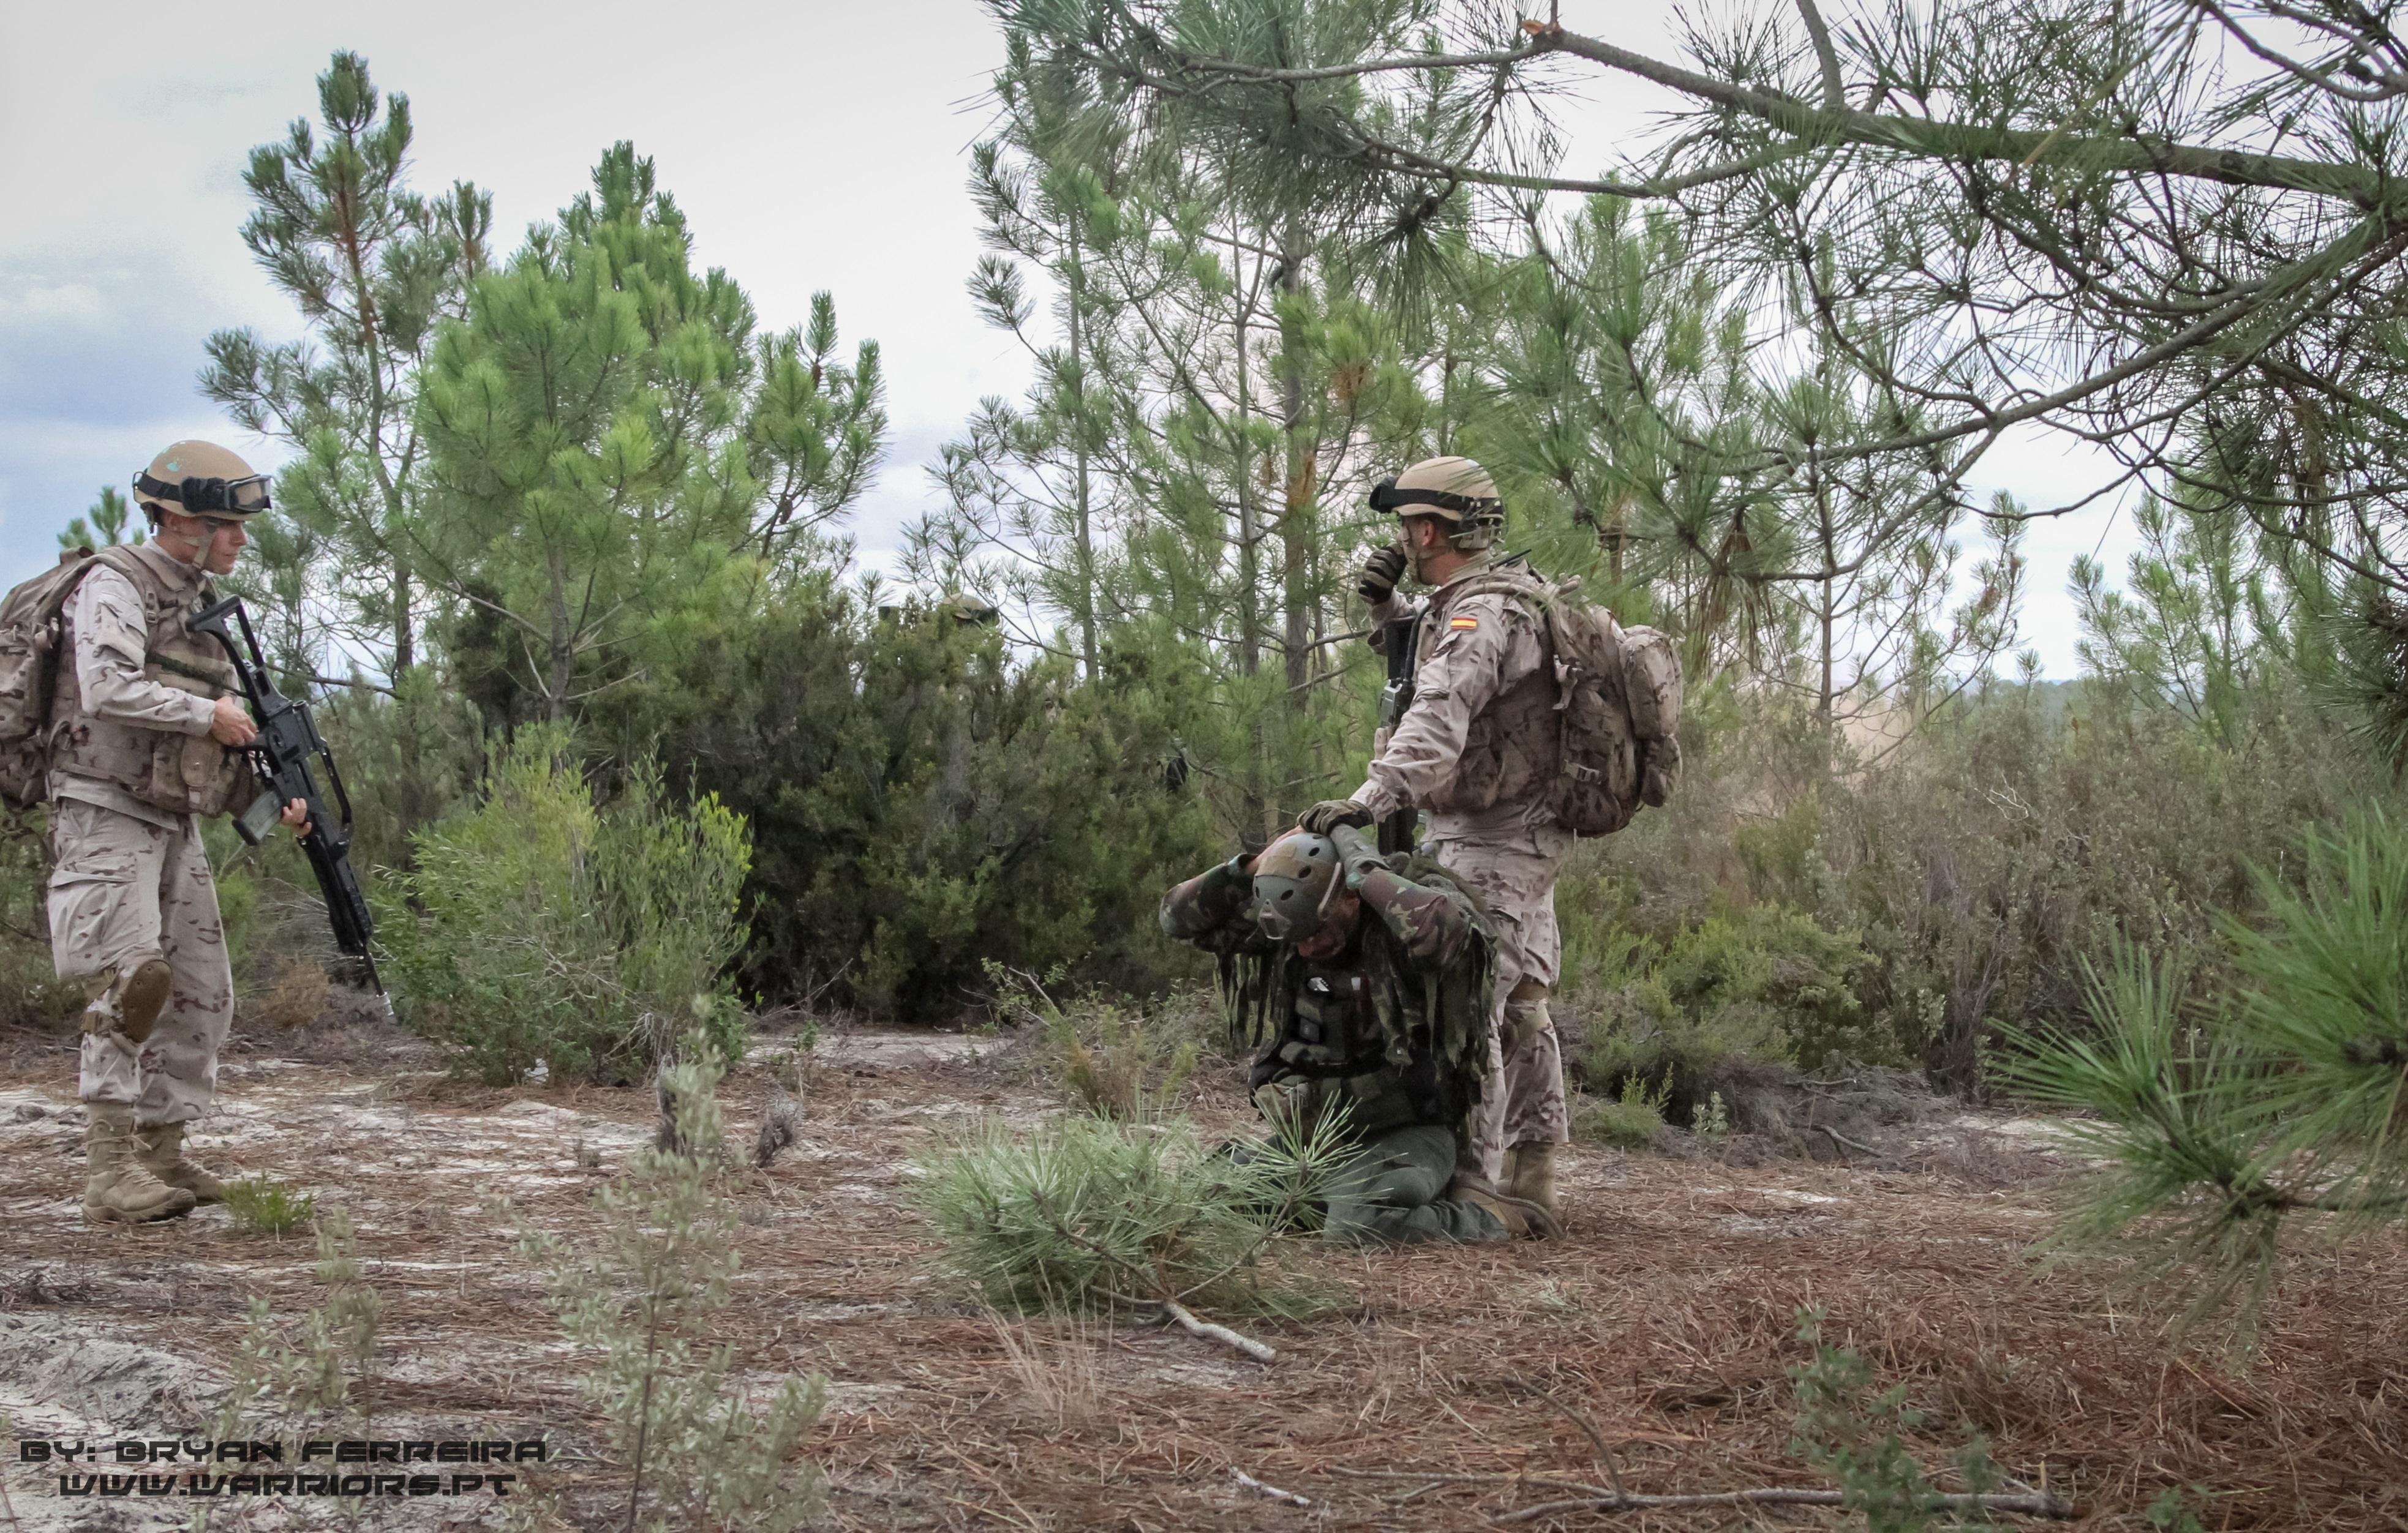 Após tomarem um objectivo, a Infantaria da Marinha Espanhola apreende um elemento das Forças de Oposição.